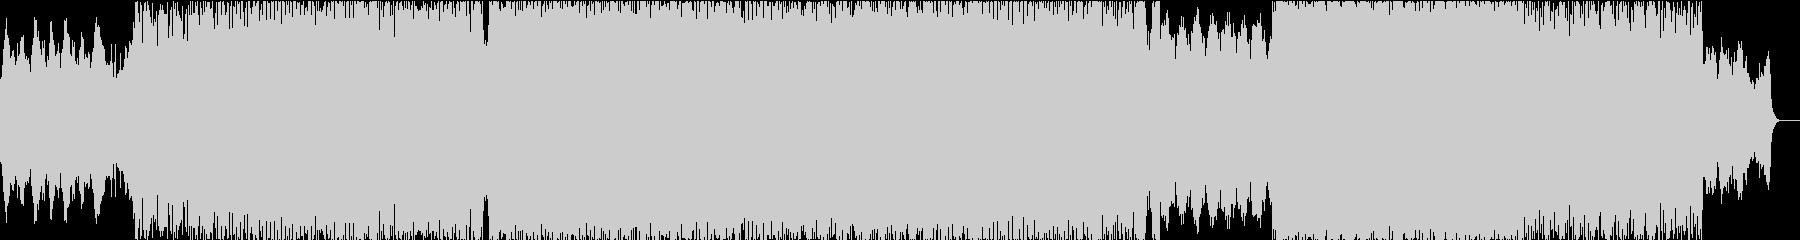 ダークでエピックな戦闘曲の未再生の波形